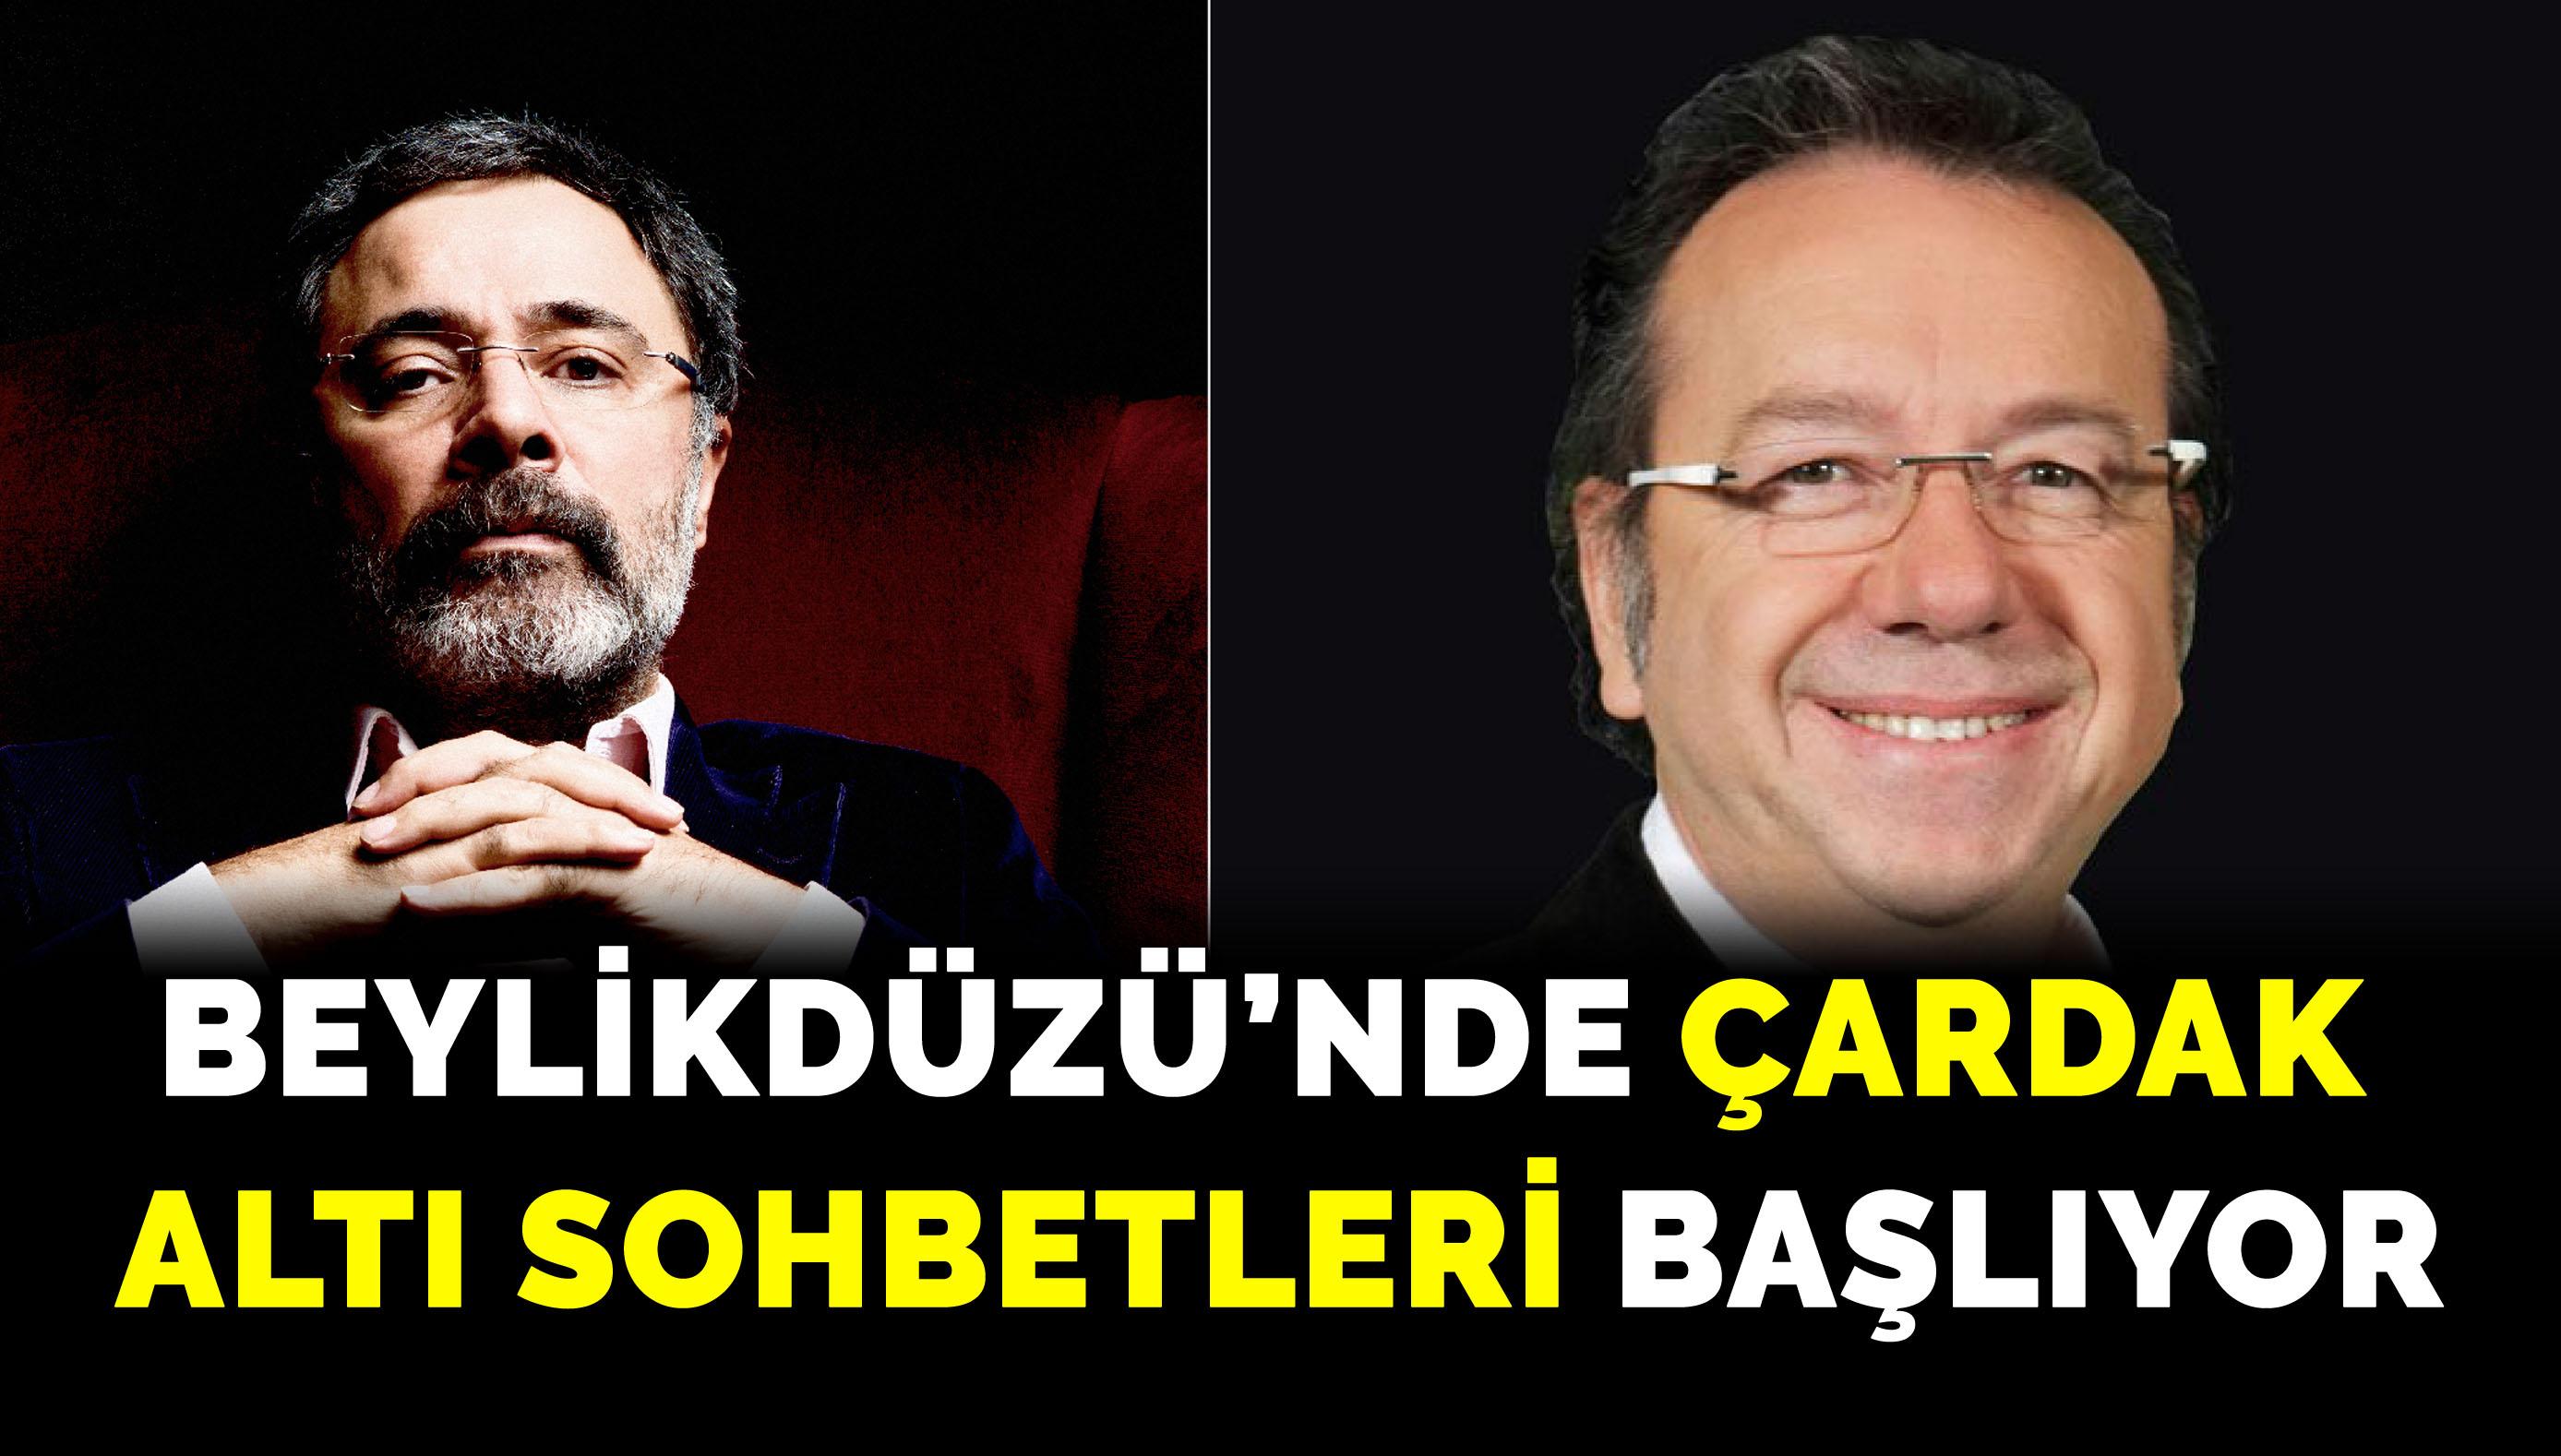 BEYLİKDÜZÜ'NDE ÇARDAK ALTI SOHBETLERİ BAŞLIYOR